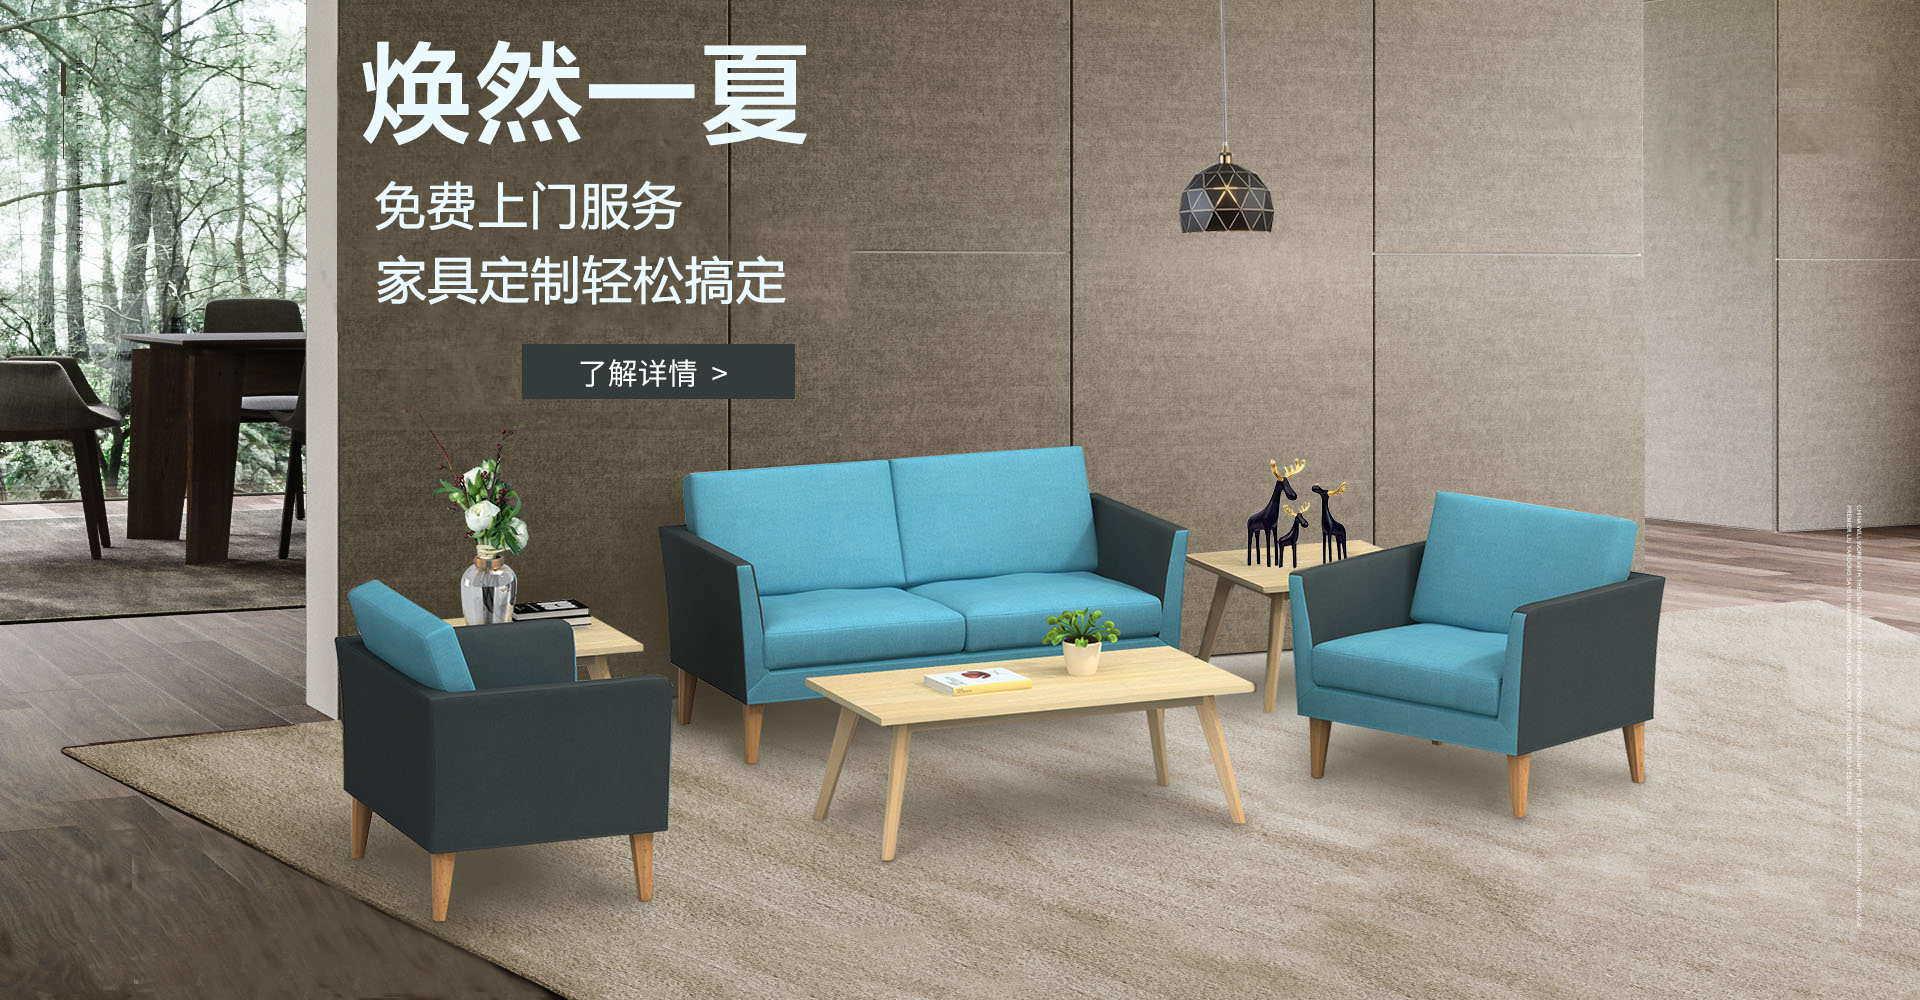 办公家具厂品牌沙发